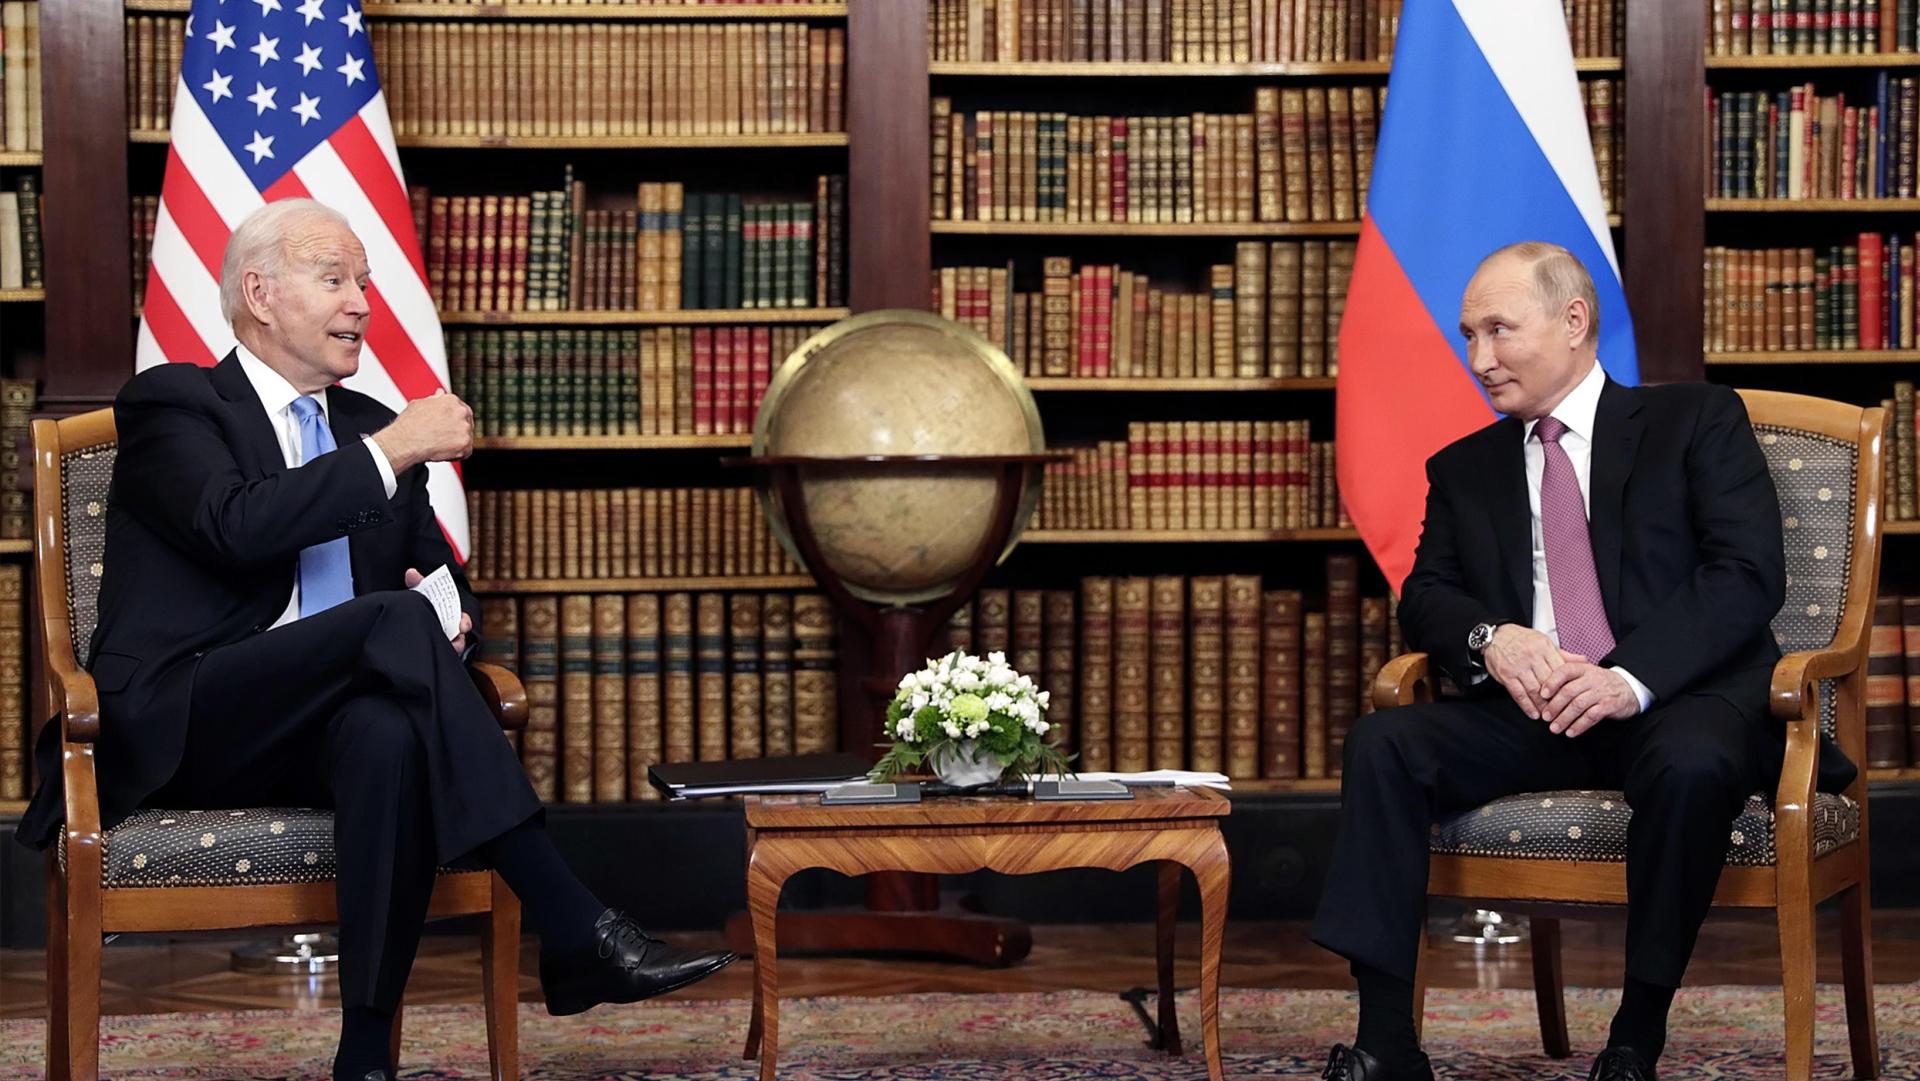 Lo sdegno per le immagini della strage del Mottarone, l'incontro tra Biden e Putin e le altre notizie della giornata